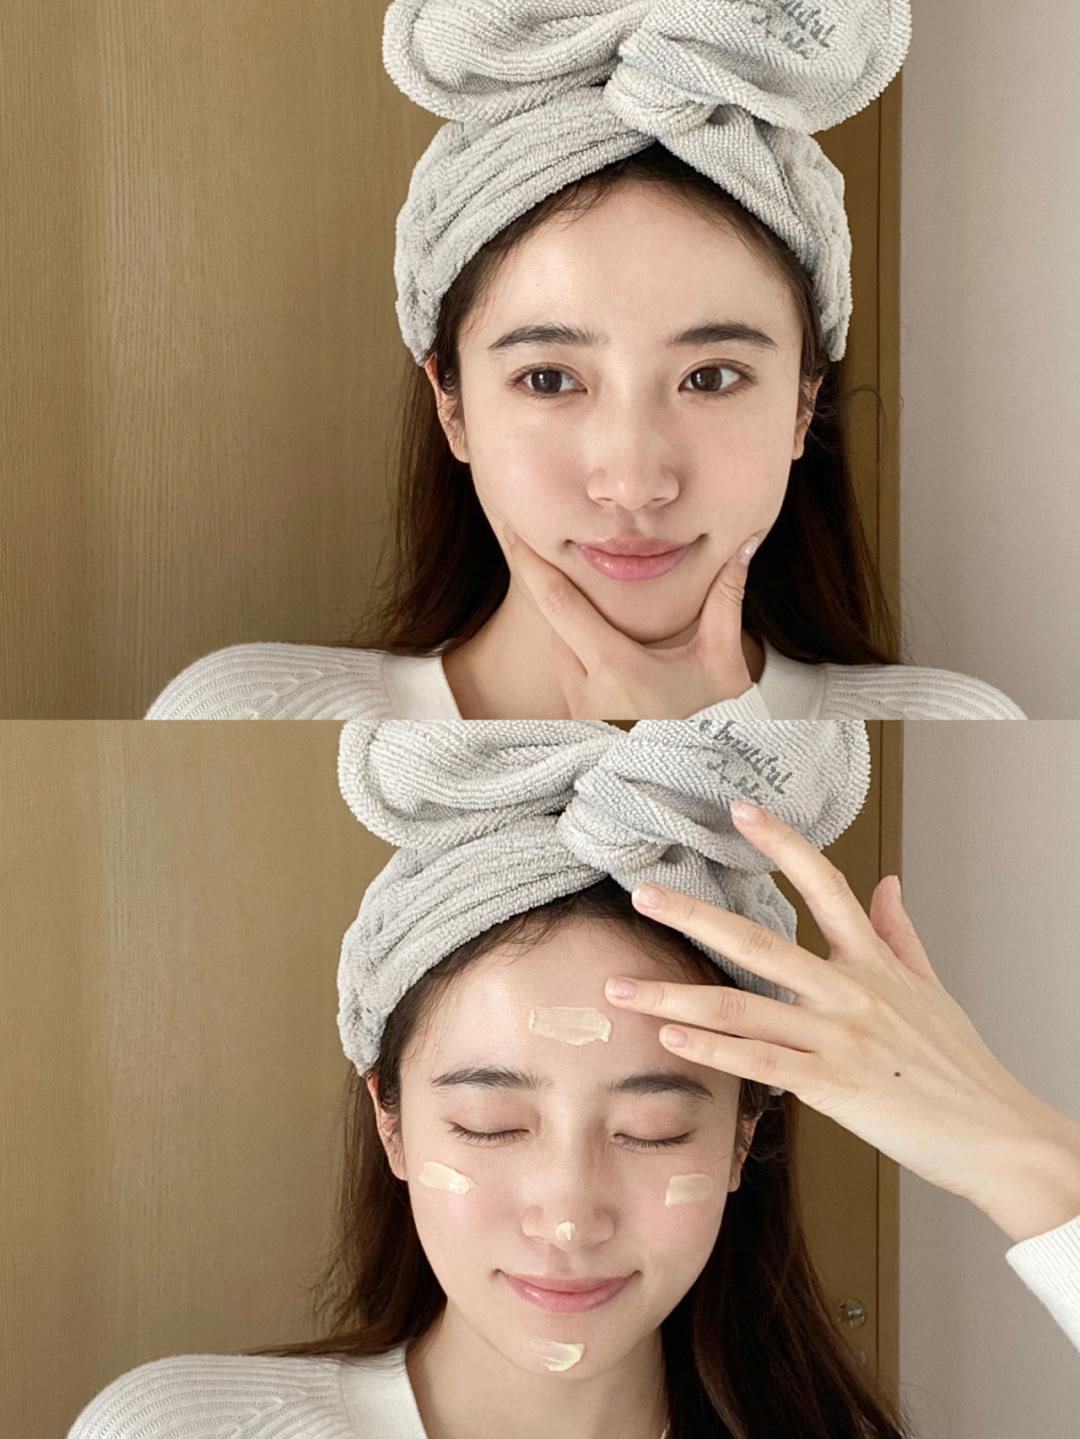 Chuyên gia lên lịch chăm sóc da cho cô dâu, quan trọng nhất là tips đắp mặt nạ và uống nước vào ngày cưới-4